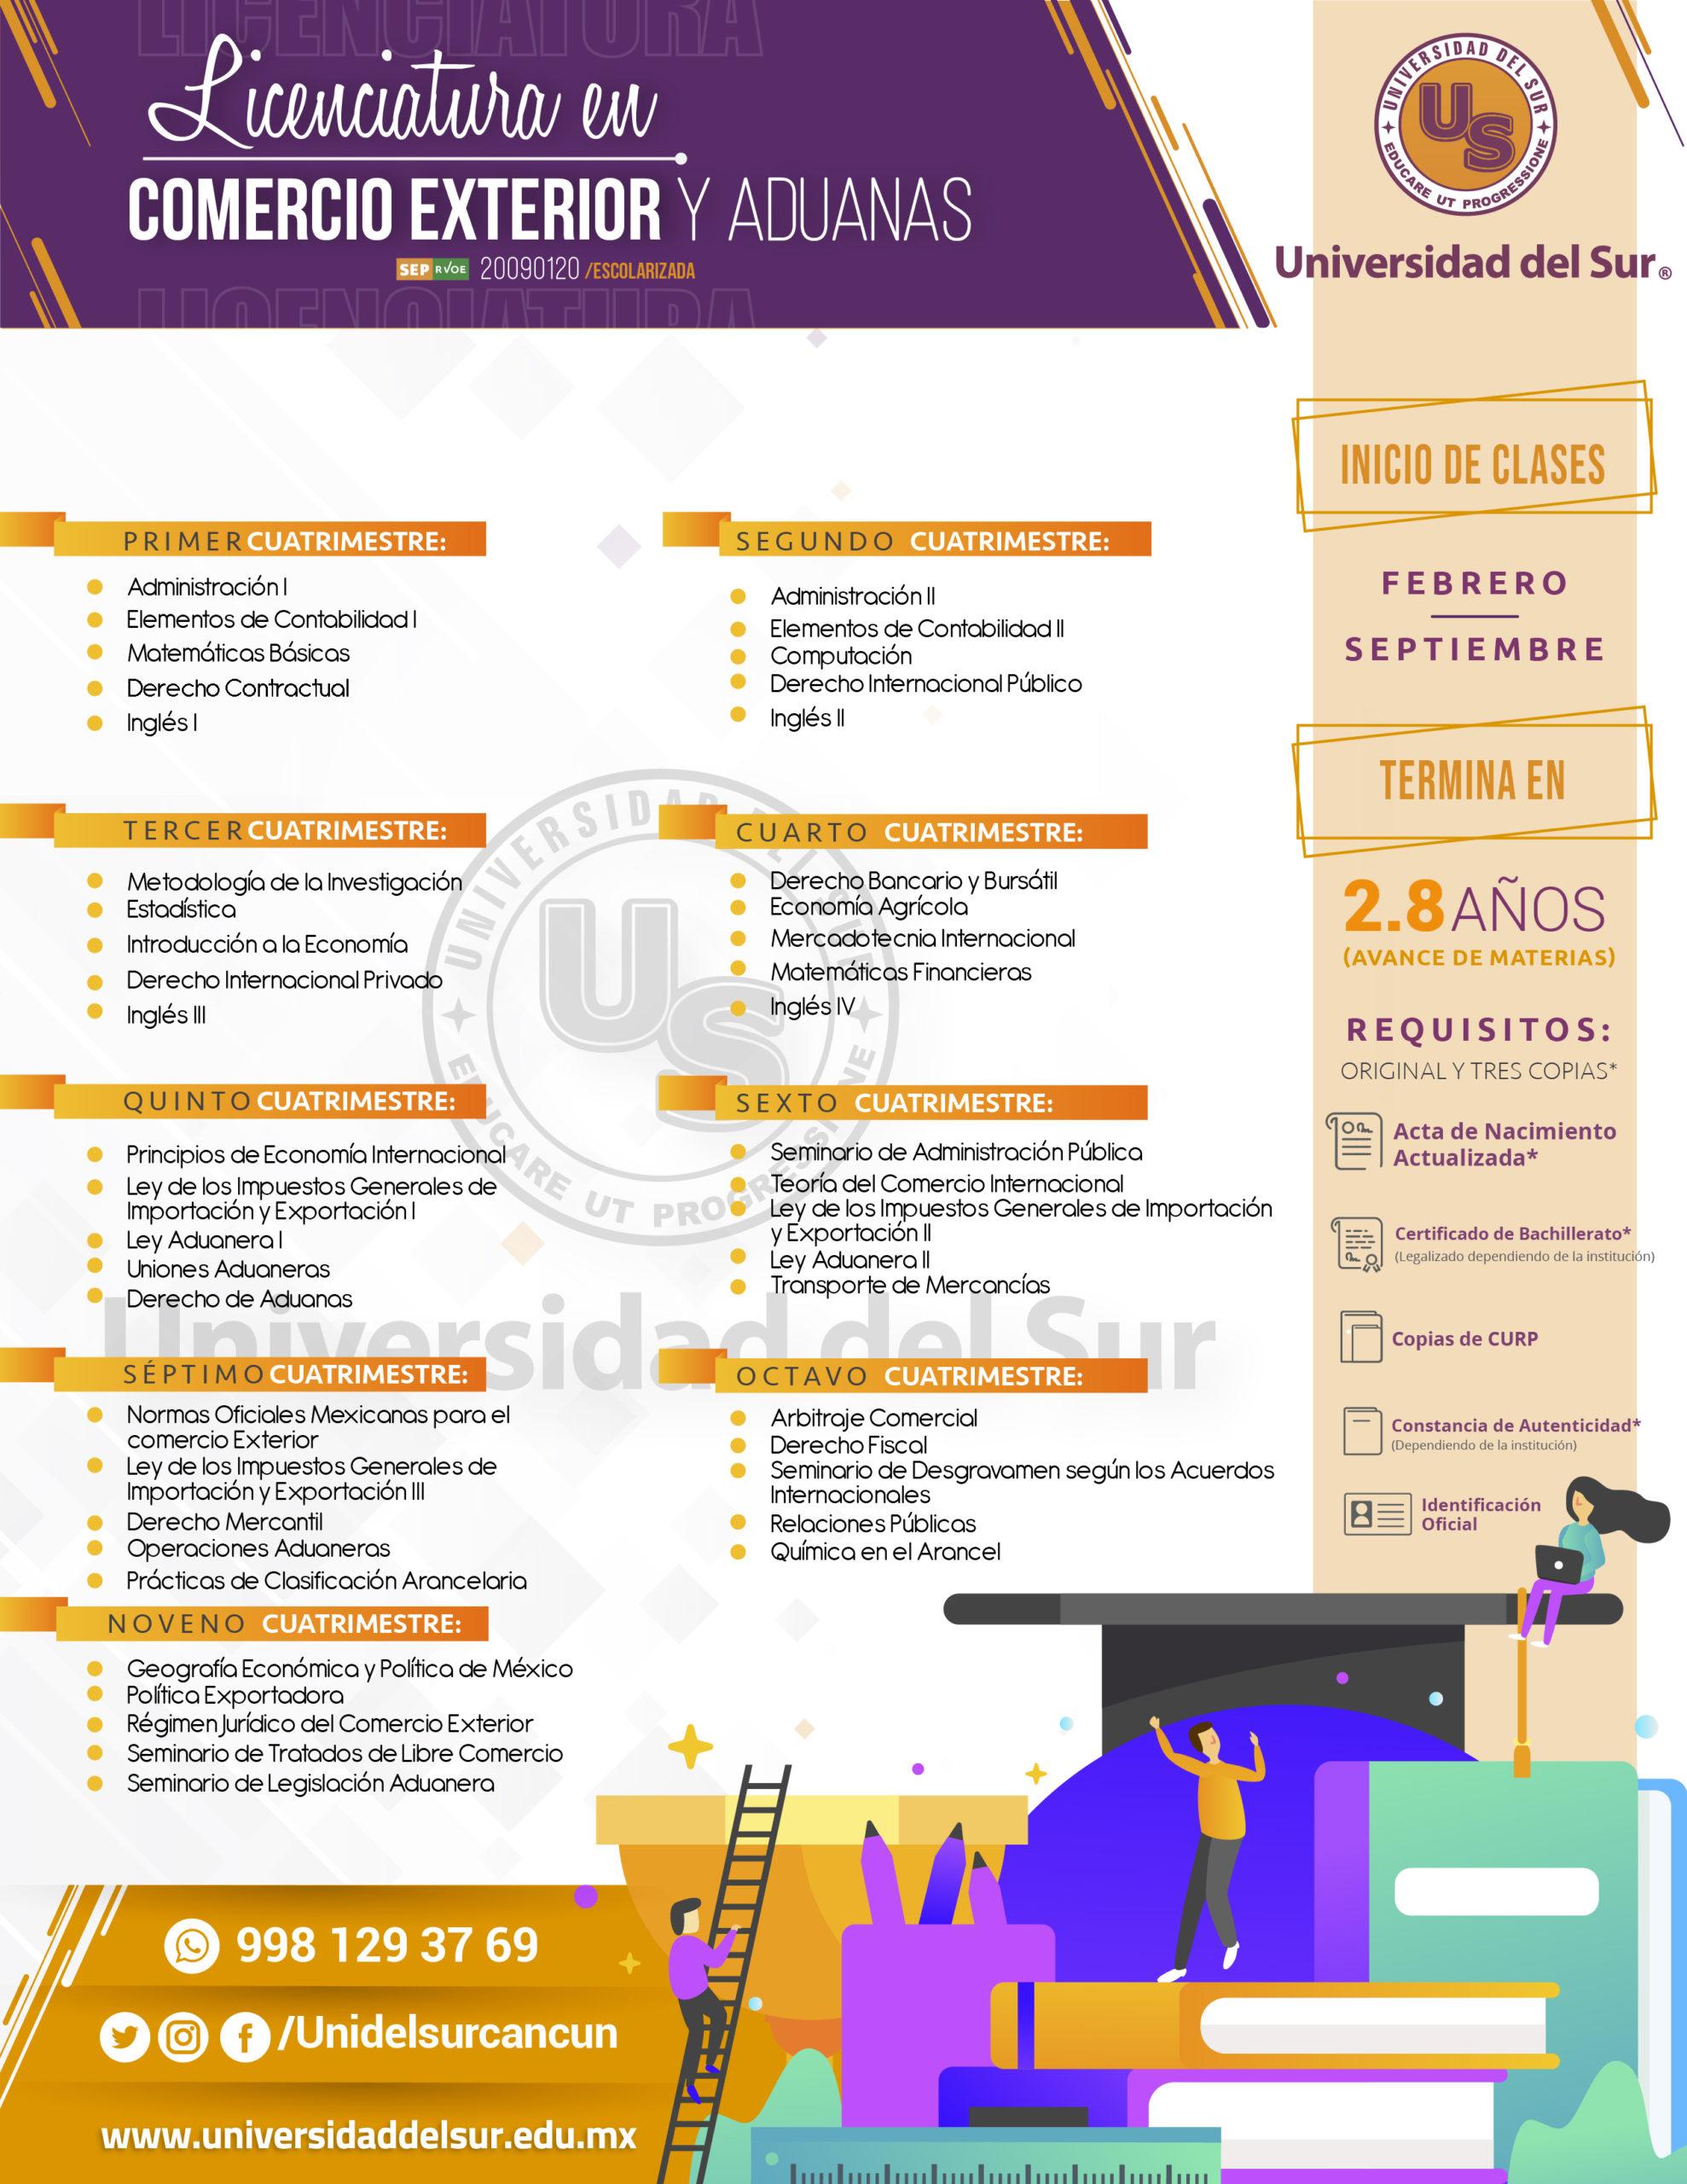 licenciatura en comercio exterior y aduanas